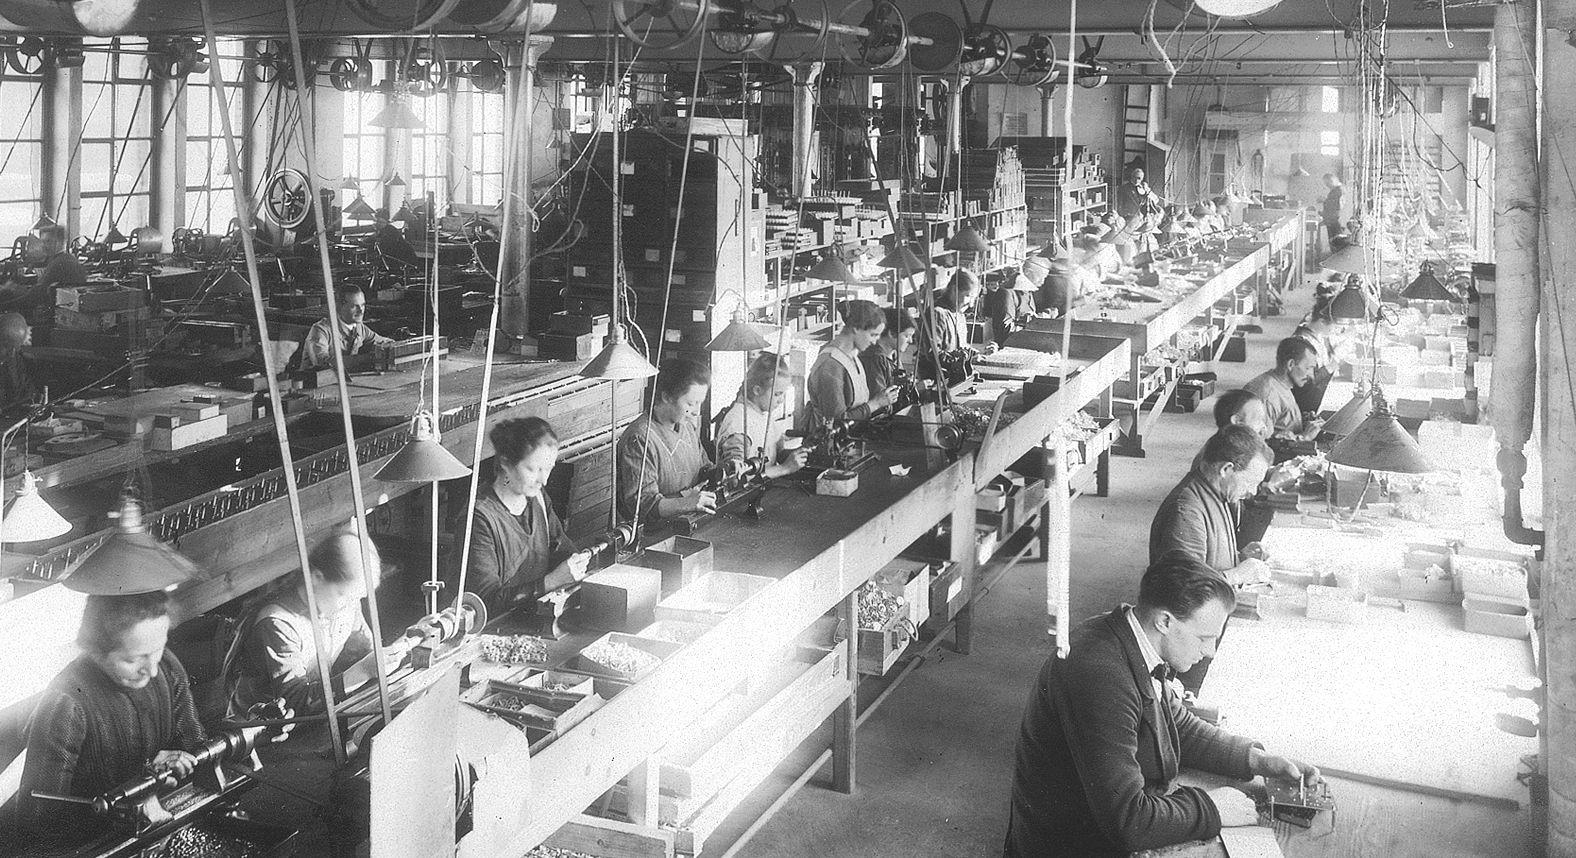 Schon vor hundert Jahren Männer und Frauen in der Fabrik Foto: Archiv.